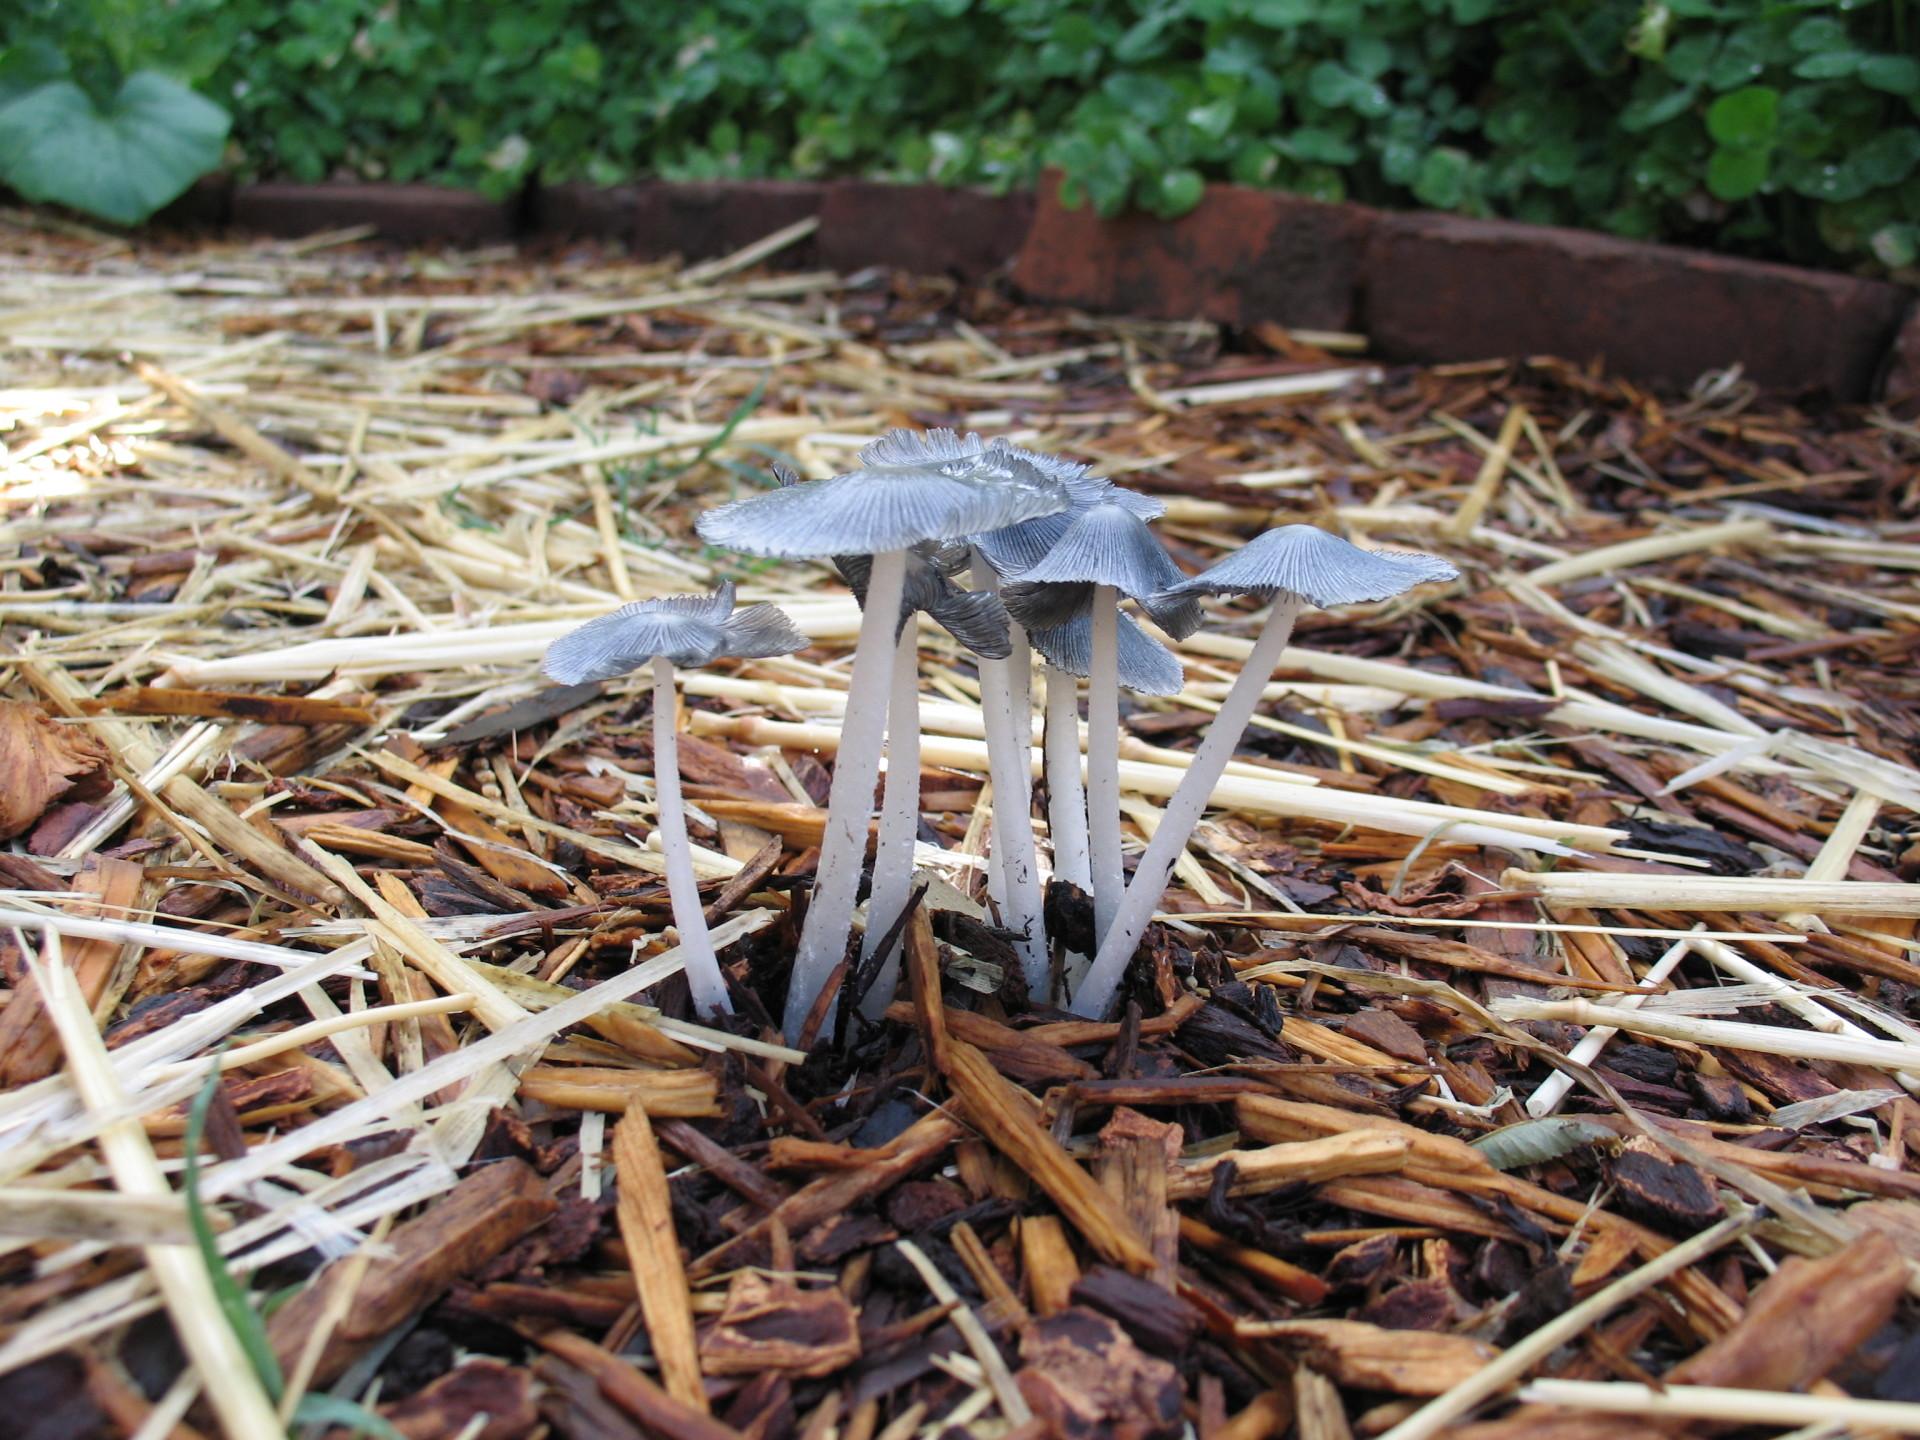 inky cap mushroom